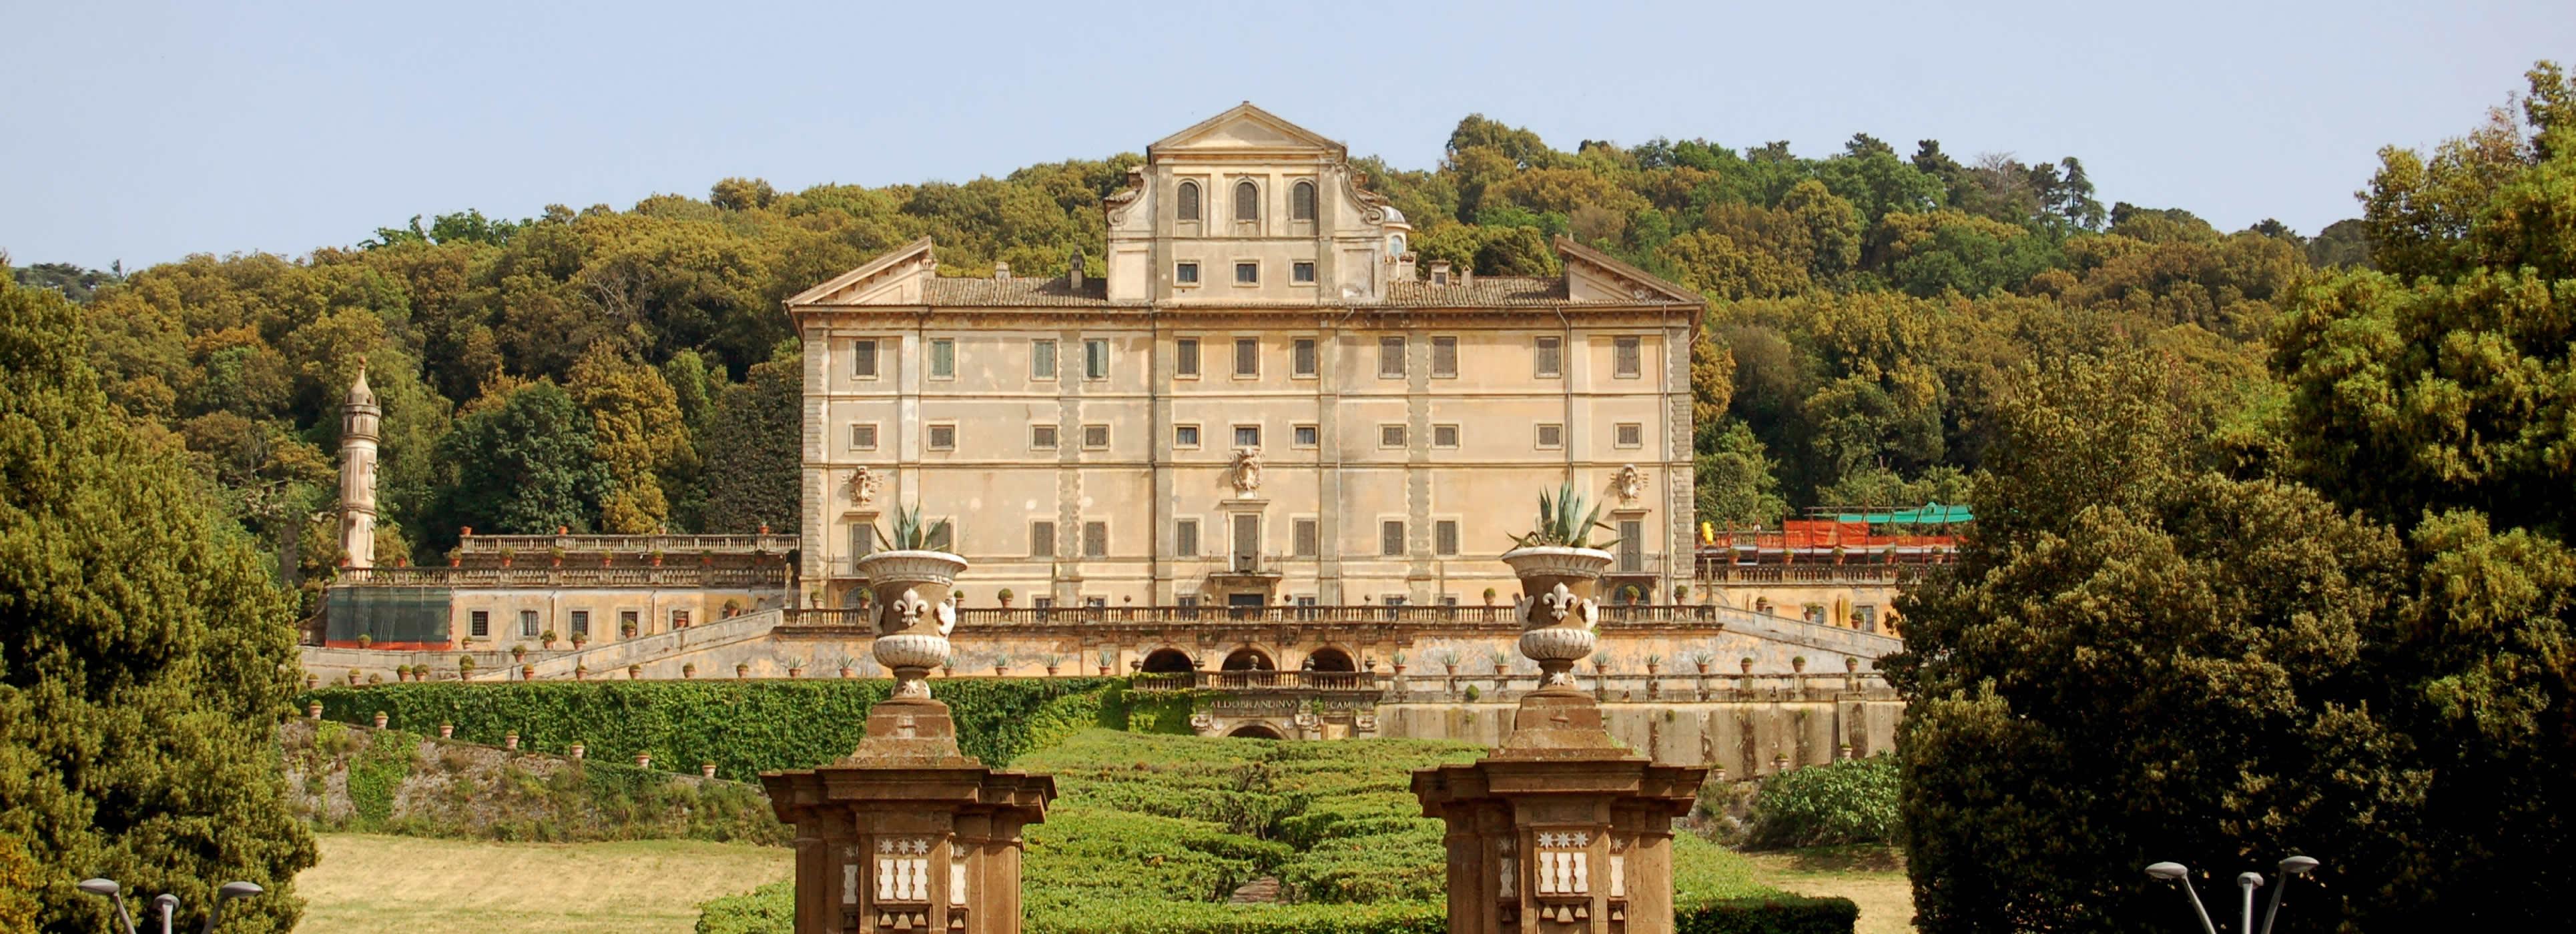 Long view of large 17th century Villa Aldobrandini in Frascati, Italy